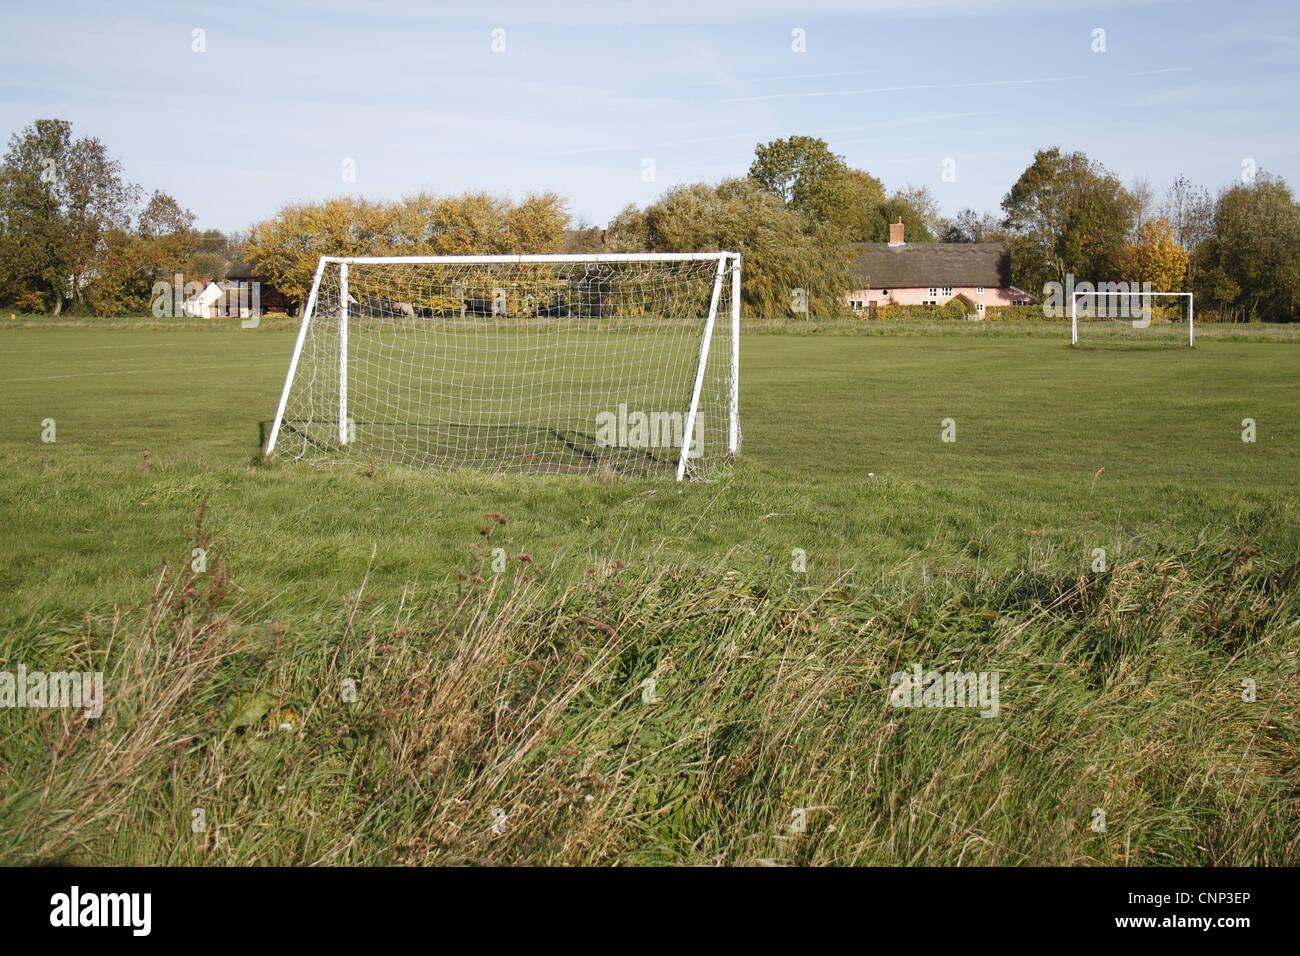 Poteaux de but sur un terrain de football du village, le Carnser, Mellis, Commune Mellis, Suffolk, Angleterre, octobre Banque D'Images